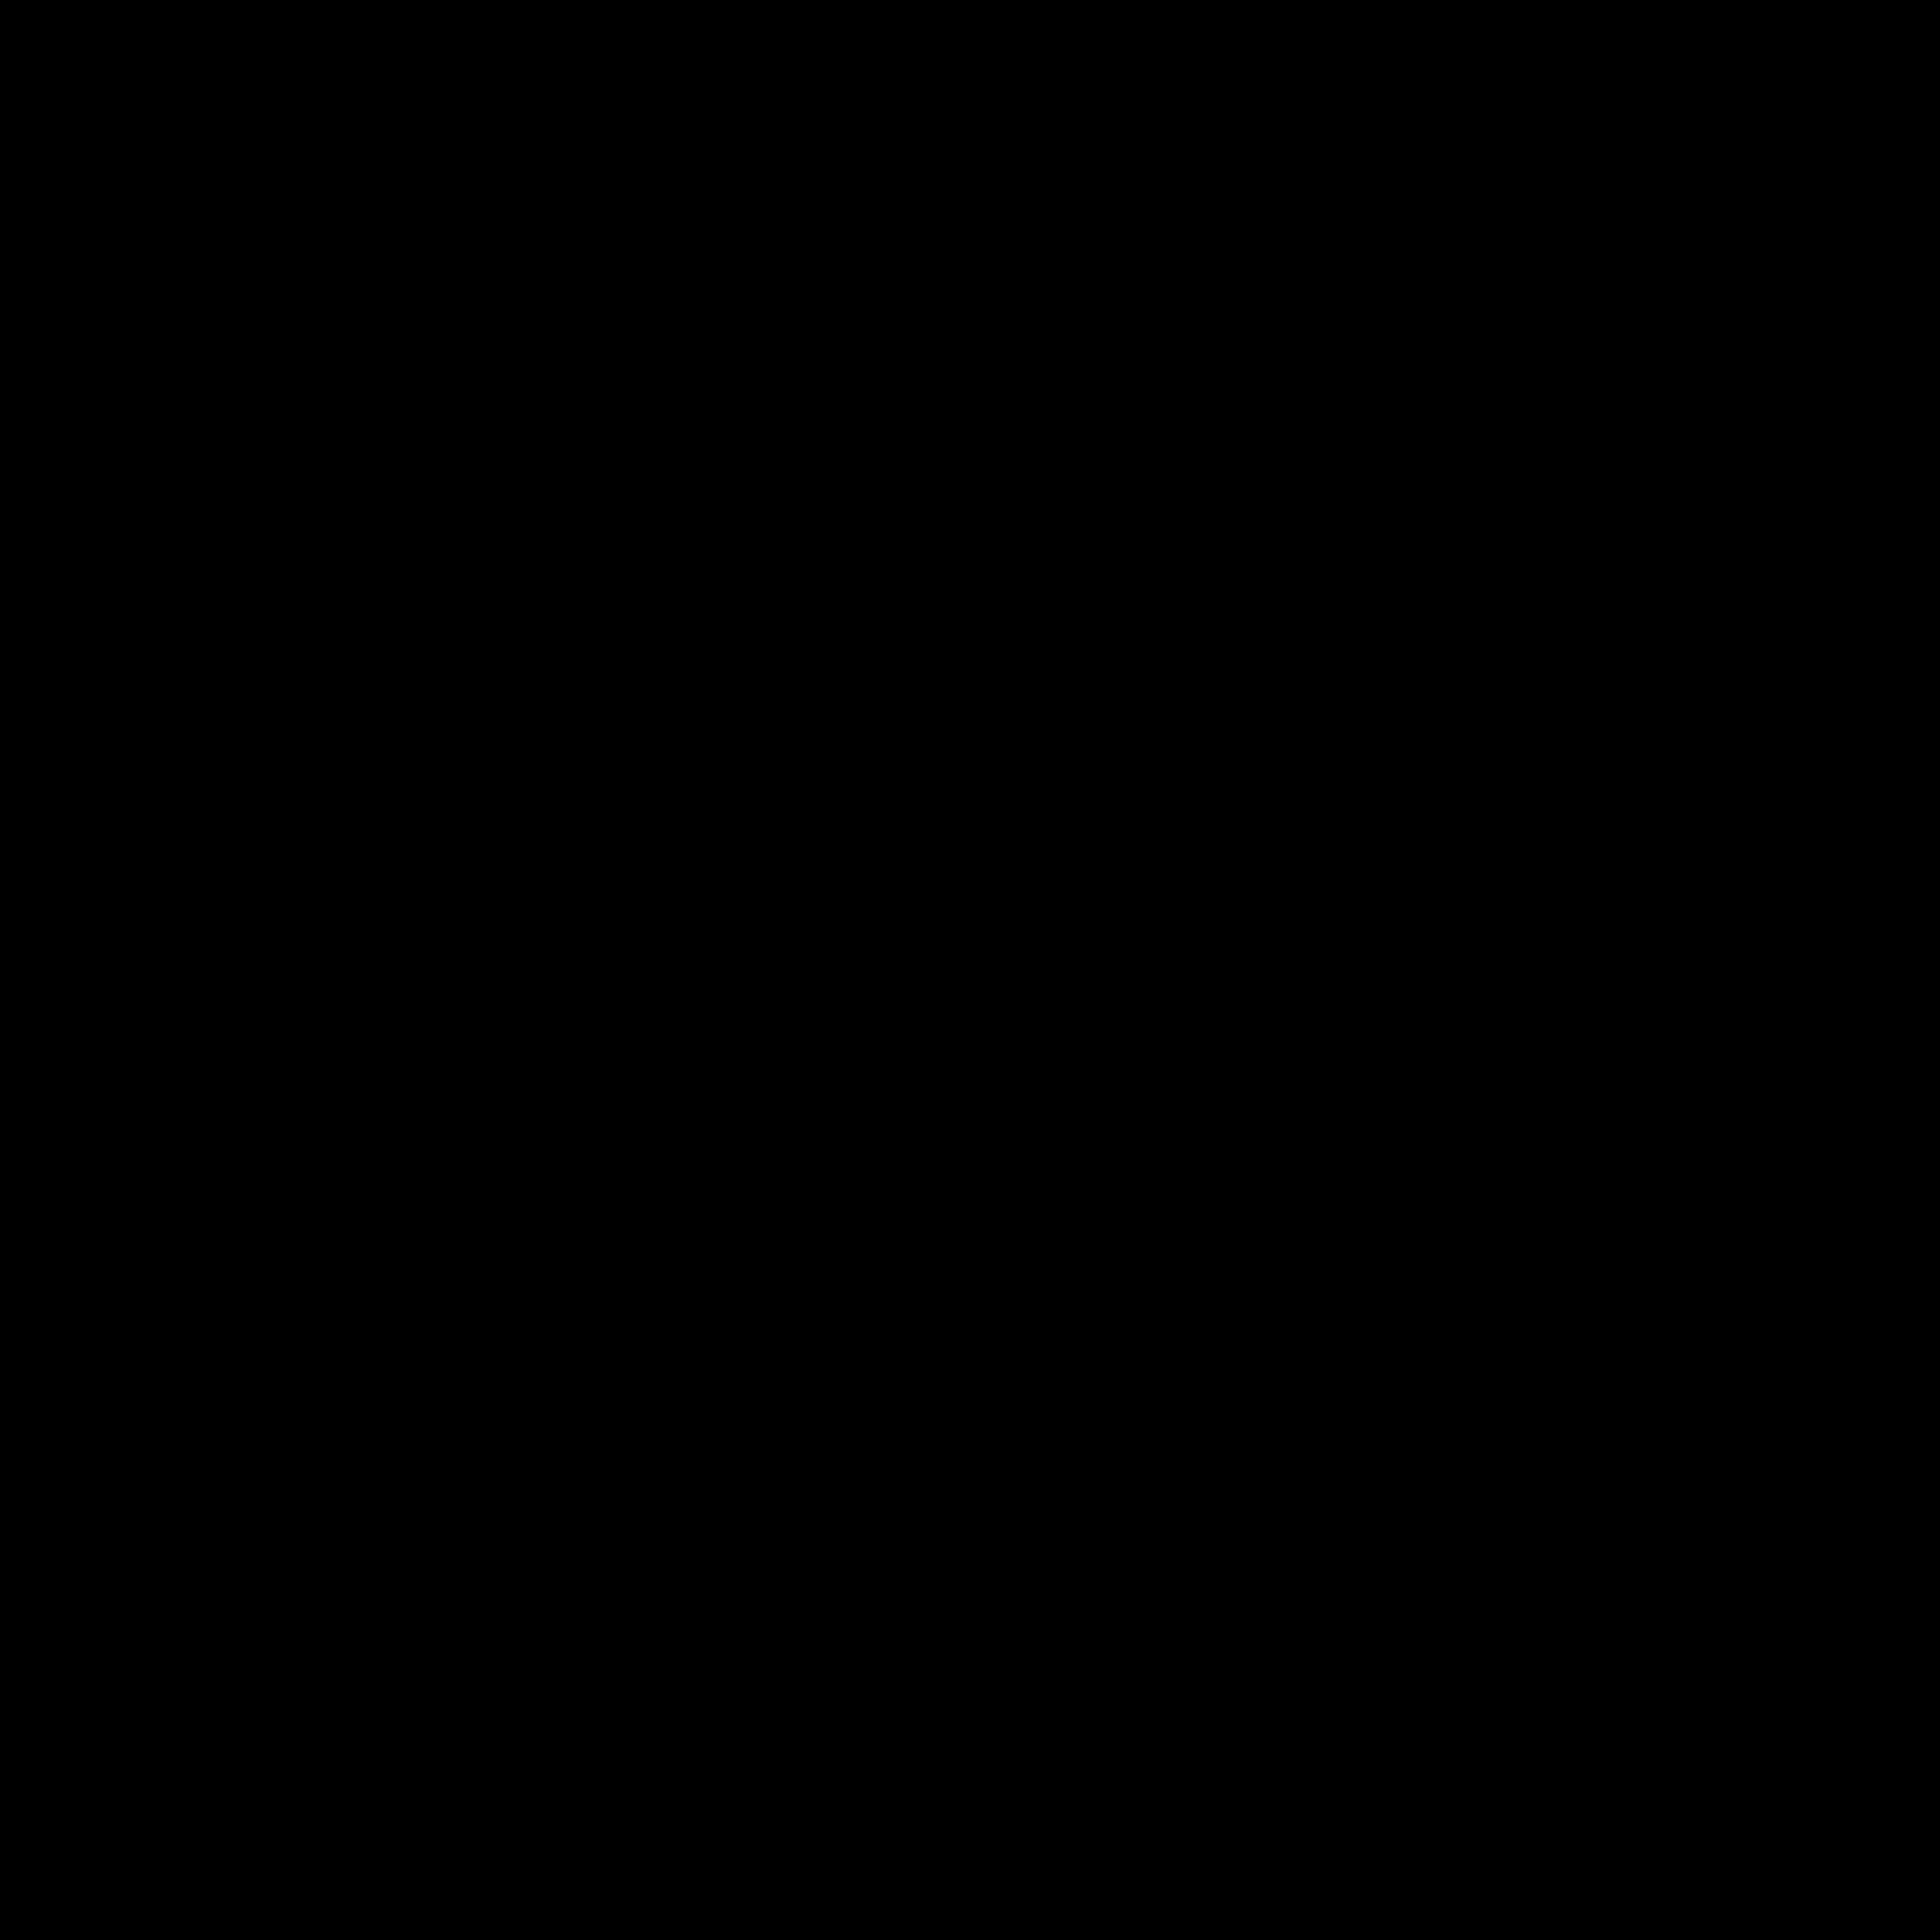 swarovski-1-logo-png-transparent.png